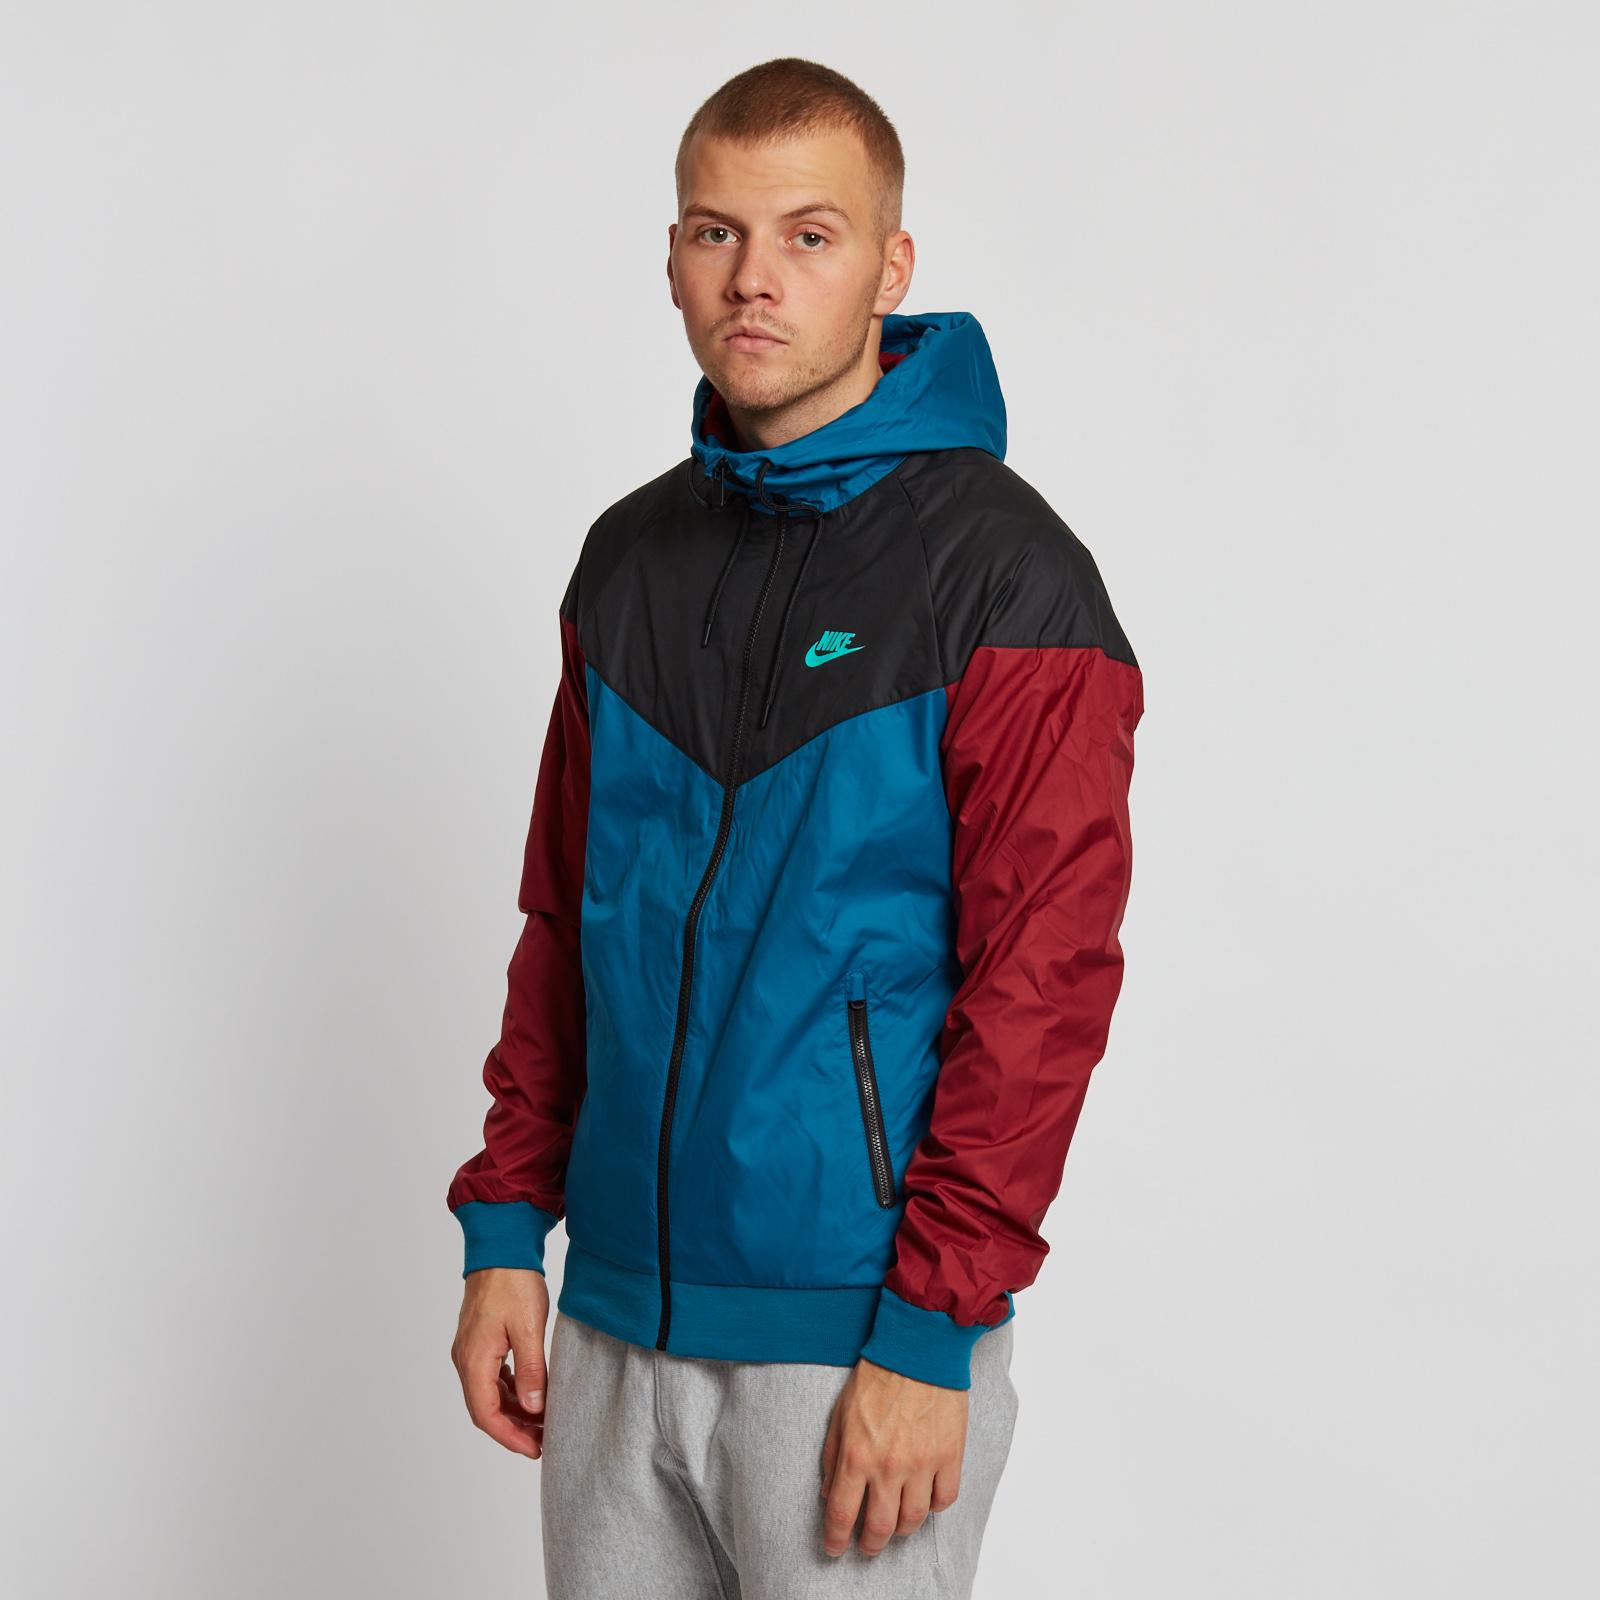 adb815282 Nike Nike Windrunner Jacket - 727324-301 - Sneakersnstuff | sneakers ...